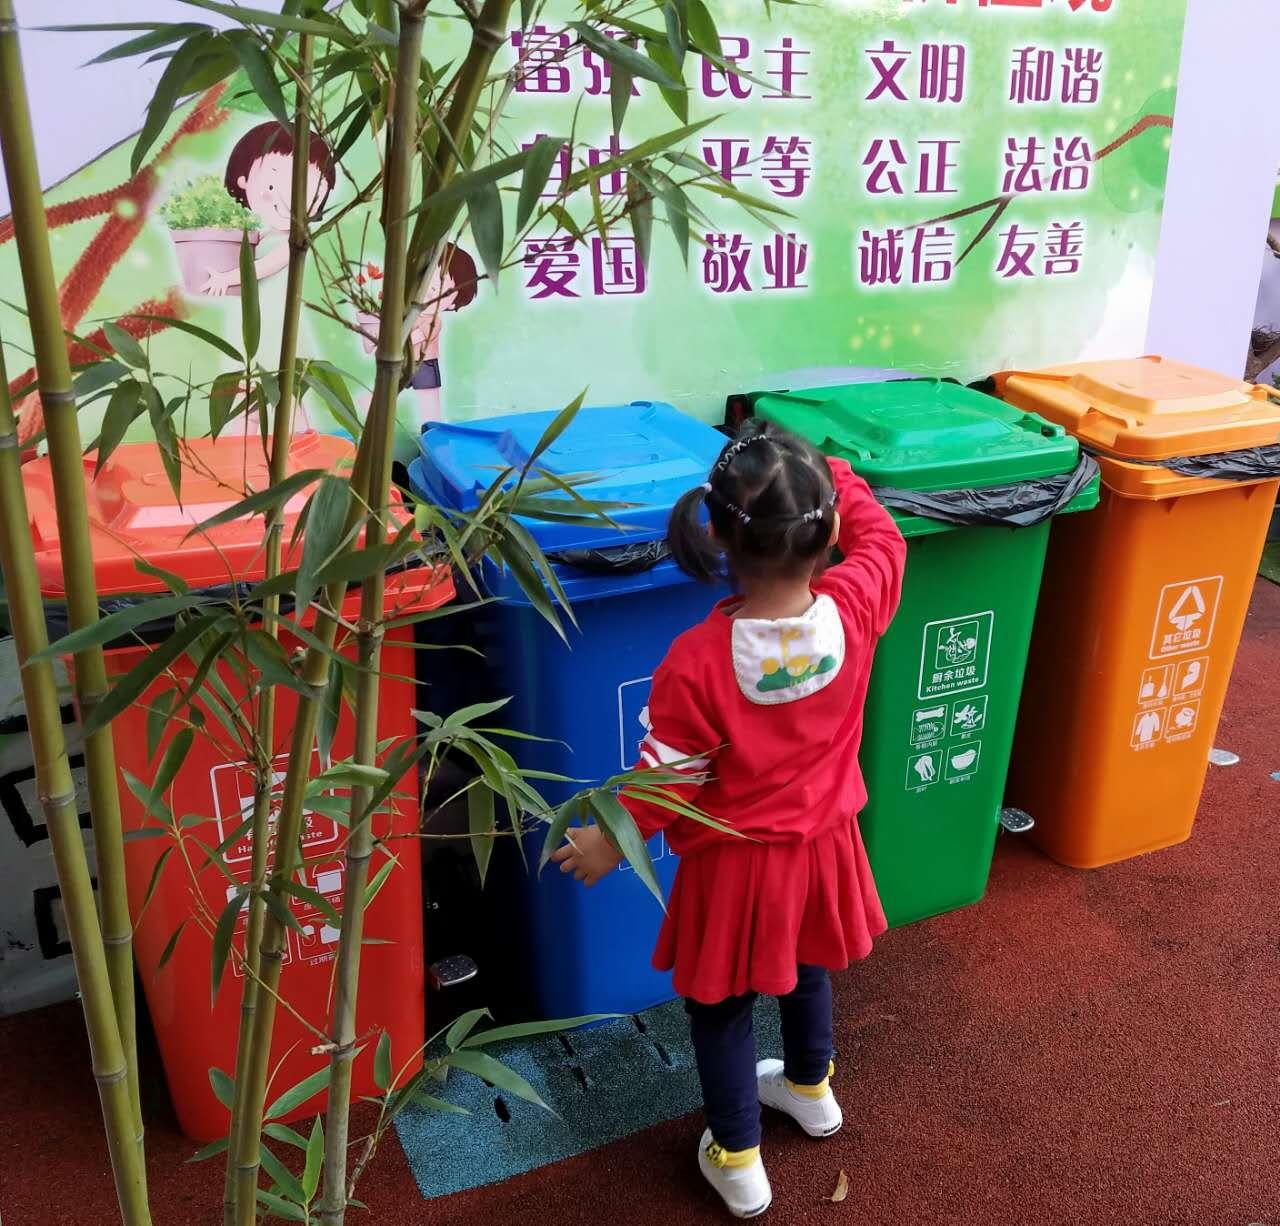 幼儿园普及垃圾分类,小朋友不仅认识不同颜色的垃圾桶,并且可以自主将